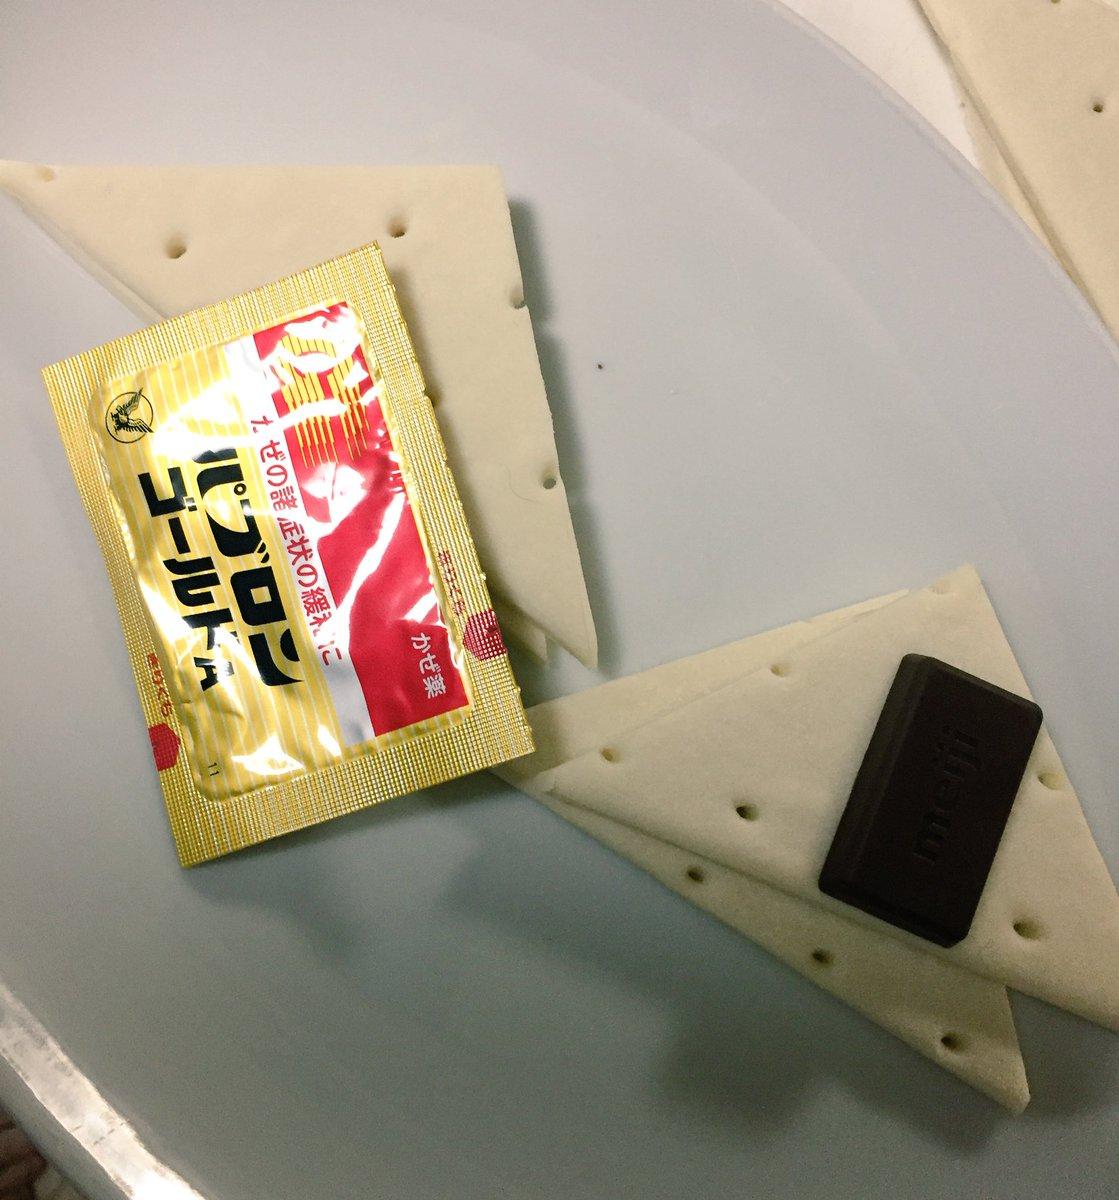 クラスメイトの皆さんの為にチョコパイとパブロンパイ作ってる https://t.co/5FdBHaTRGG